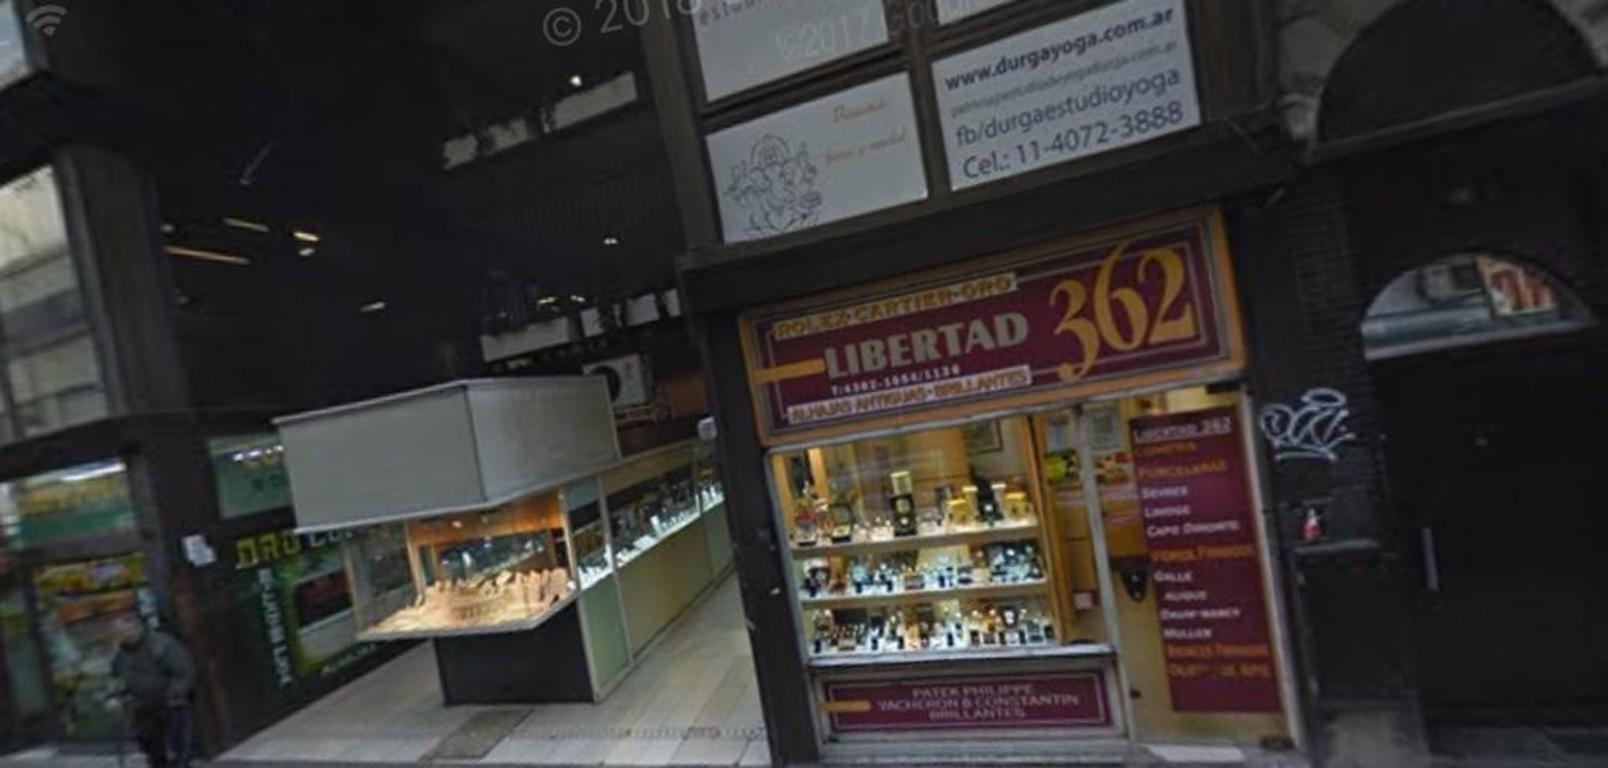 Libertad 300 - Centro/microcentro - Capital Federal